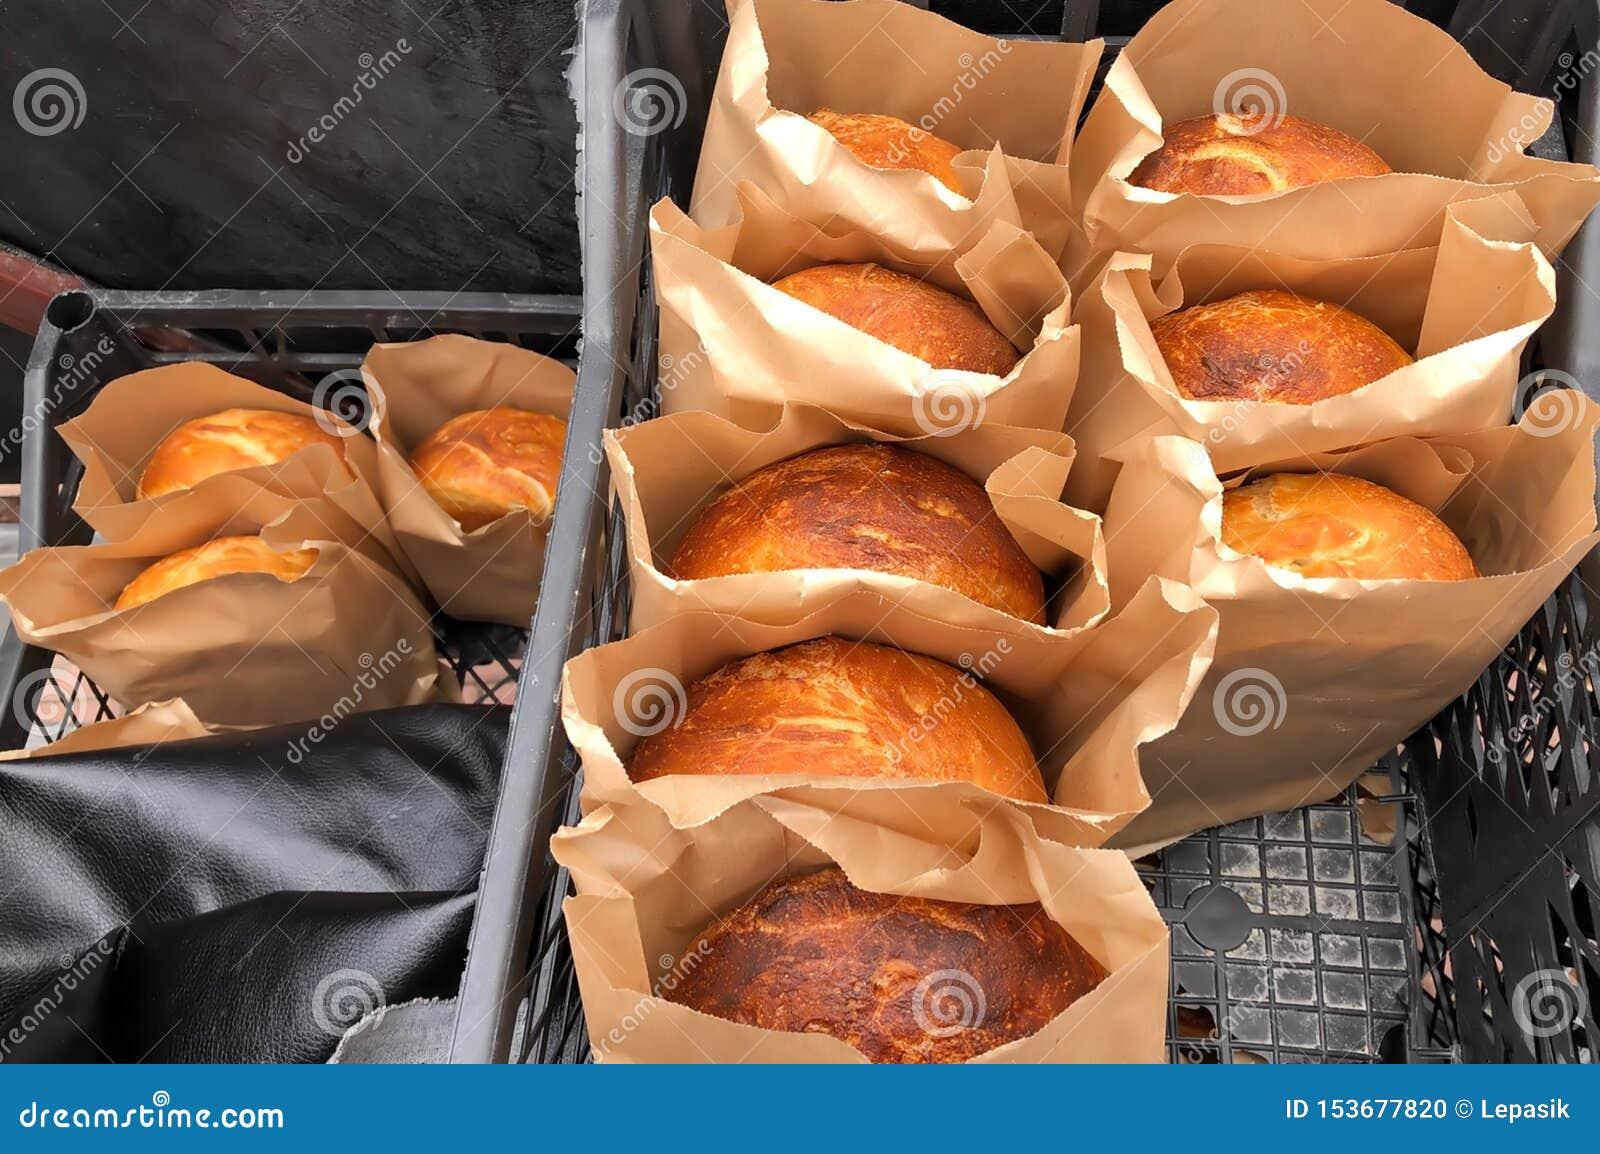 Pan cocido hecho en casa en el papel que empaqueta, productos de la panadería de hombres de negocios privados